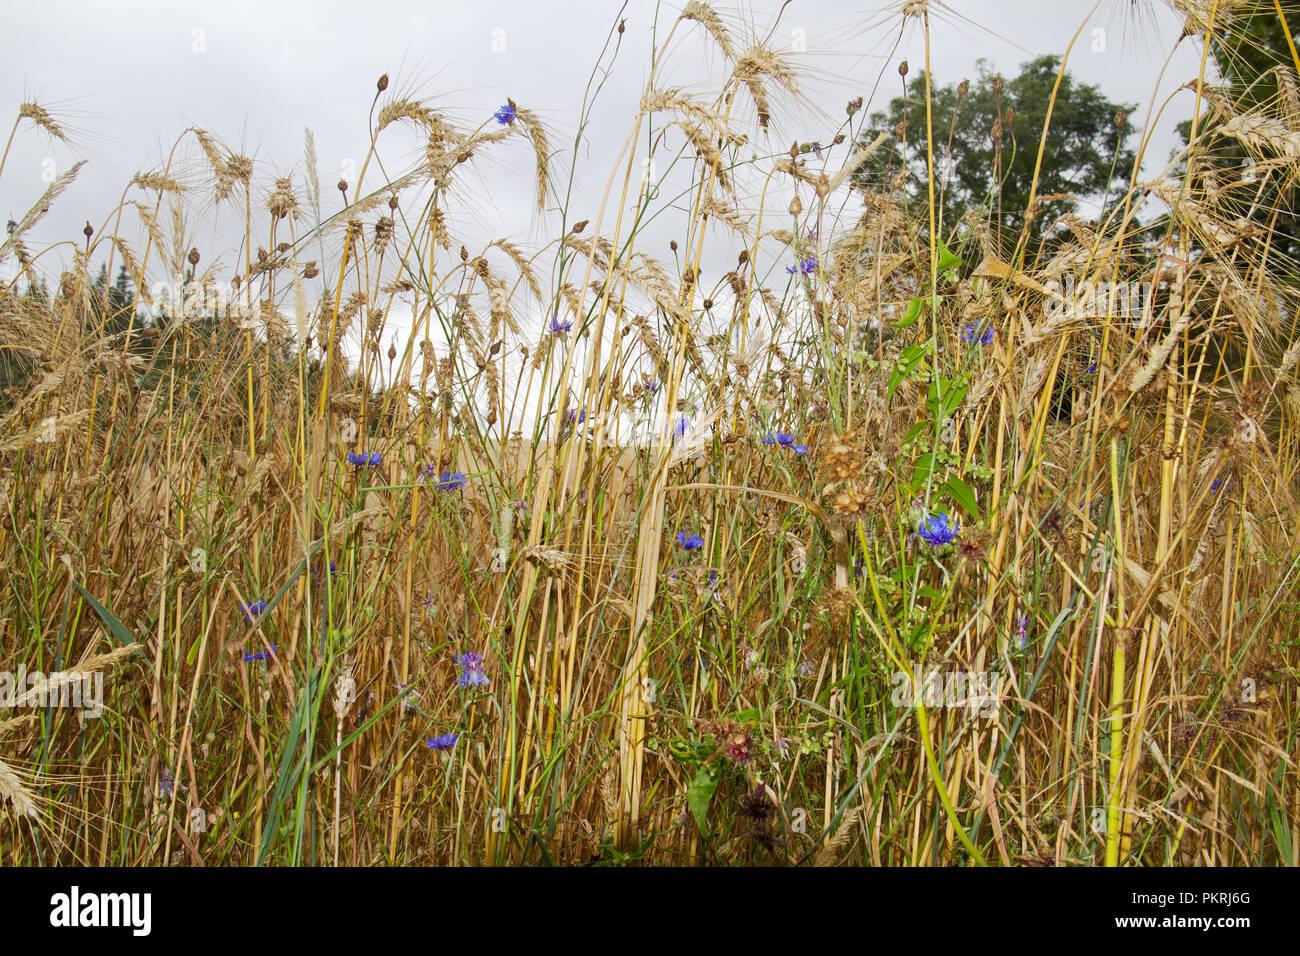 Cornflowers, noto anche come corso di laurea del pulsante, che cresce in un campo di segala Immagini Stock